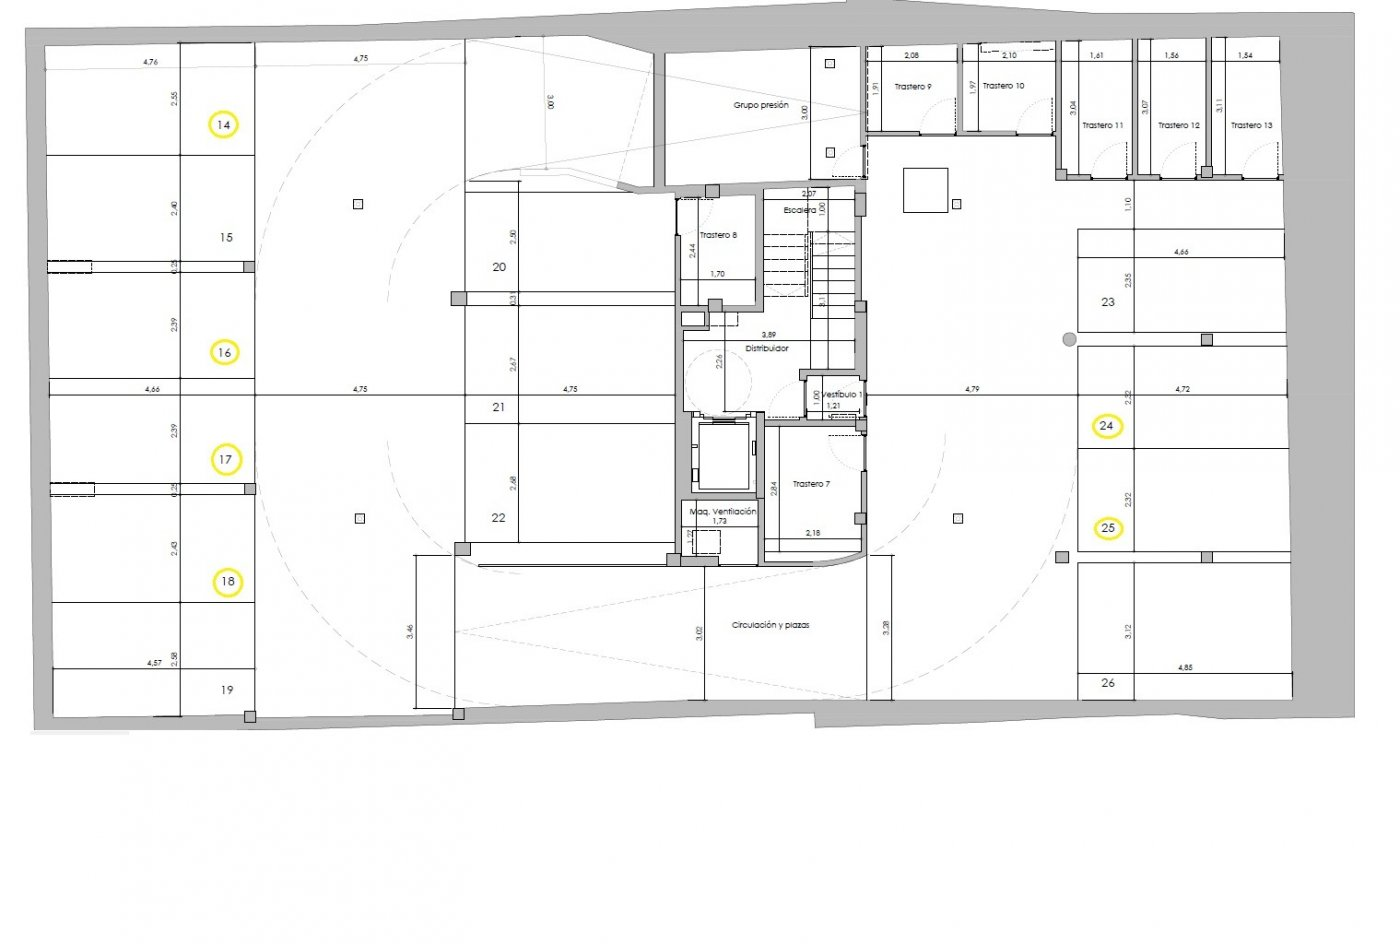 A la venta amplio garaje en sótano 2 en edificio de obra nueva en c/ predicadores. - imagenInmueble3